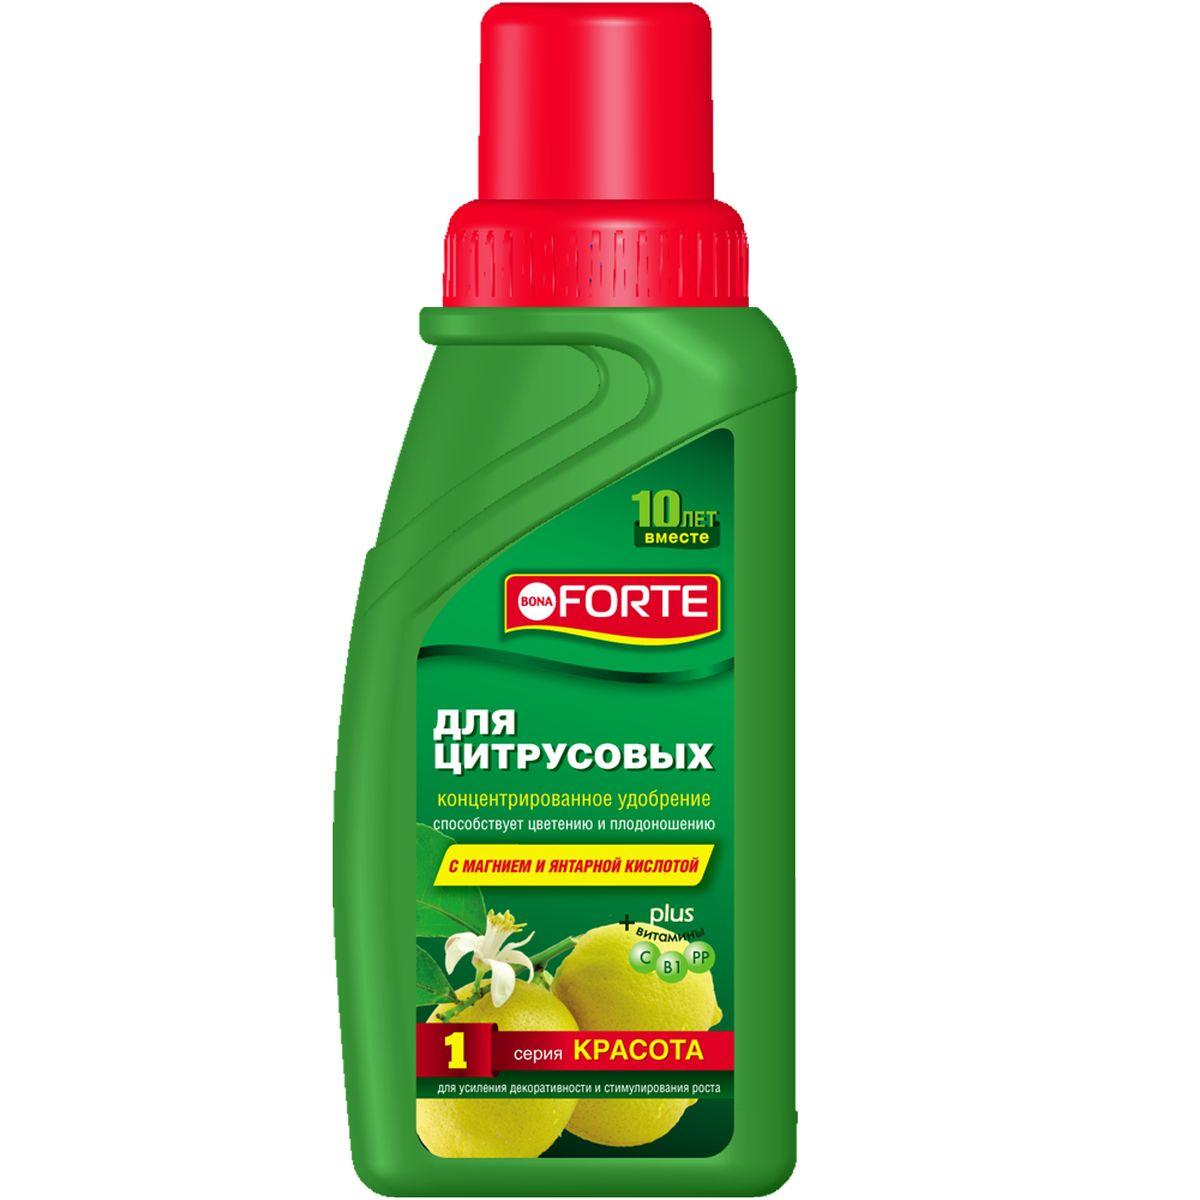 Жидкое комплексное удобрение Bona Forte, 285 мл (серия КРАСОТА)BF-21-01-024-1Стимулирует цветение и образование новых завязей, поддерживает активный рост и укрепляет иммунитет растений.